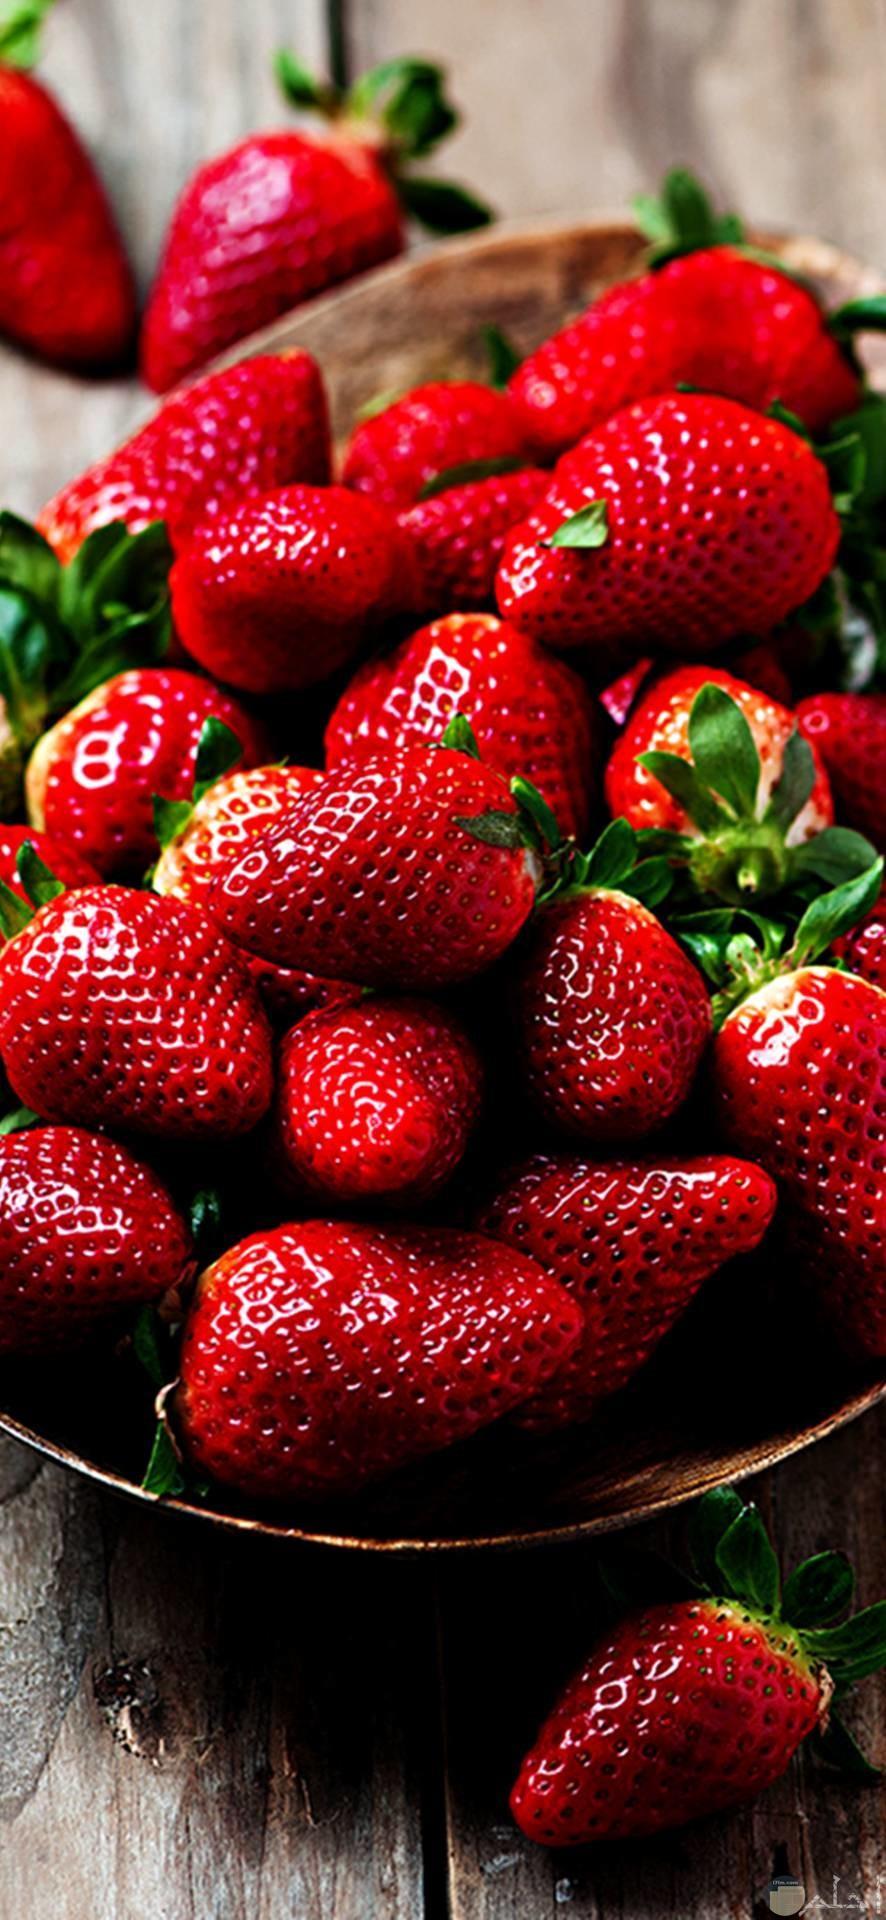 صور فراولة رائعة